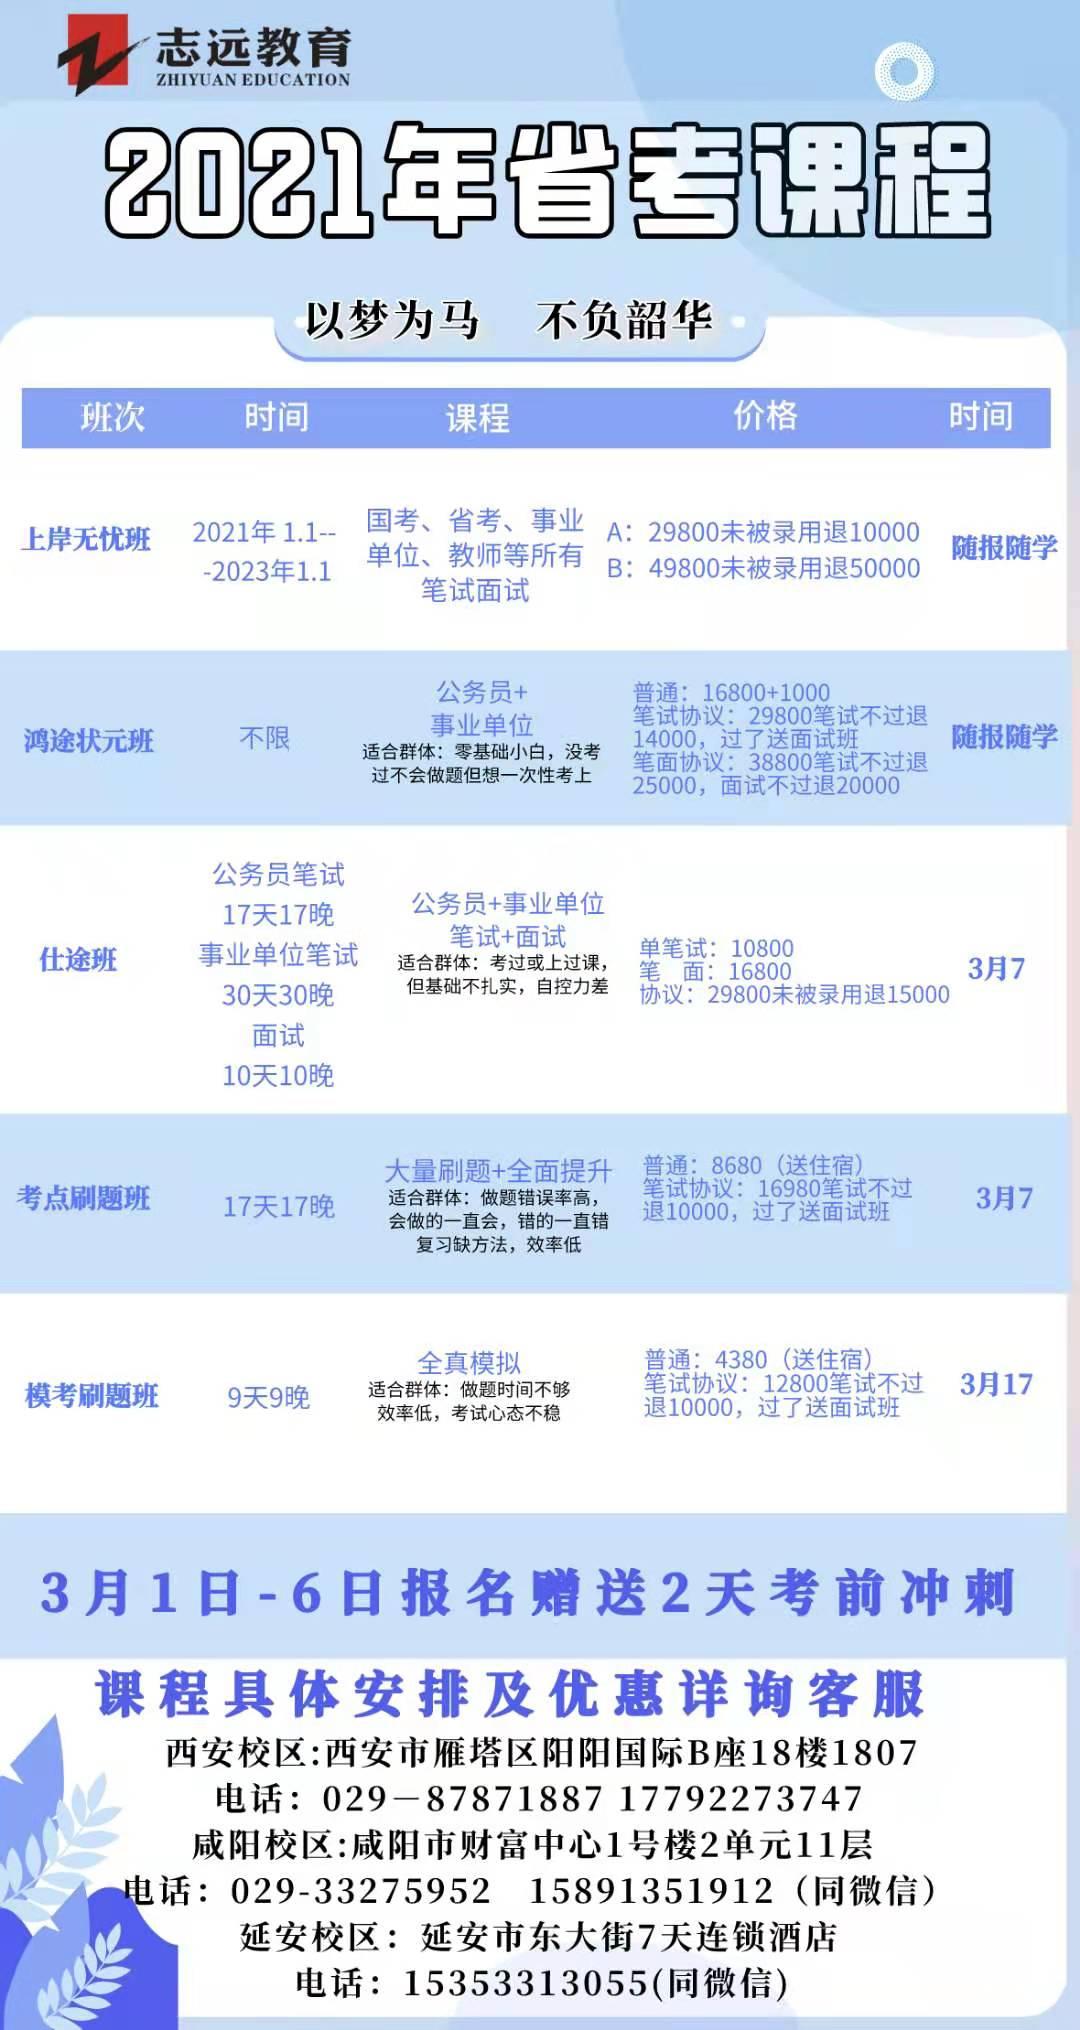 【志远教育】2021年陕西省考课程安排(图1)